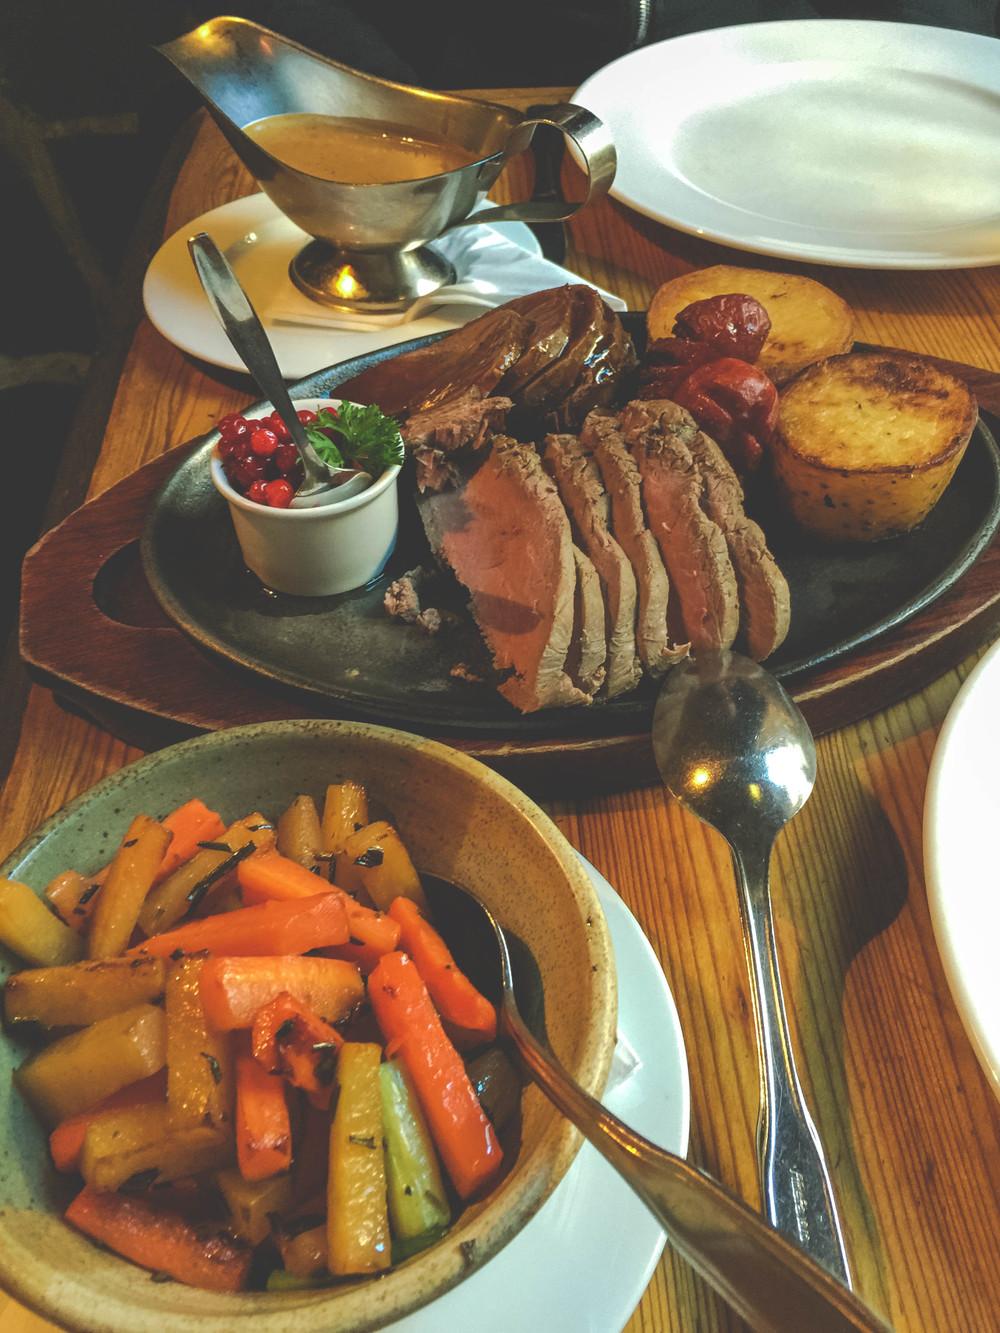 Elk steak, Reindeer sausage and roast reindeer with winter vegetables.